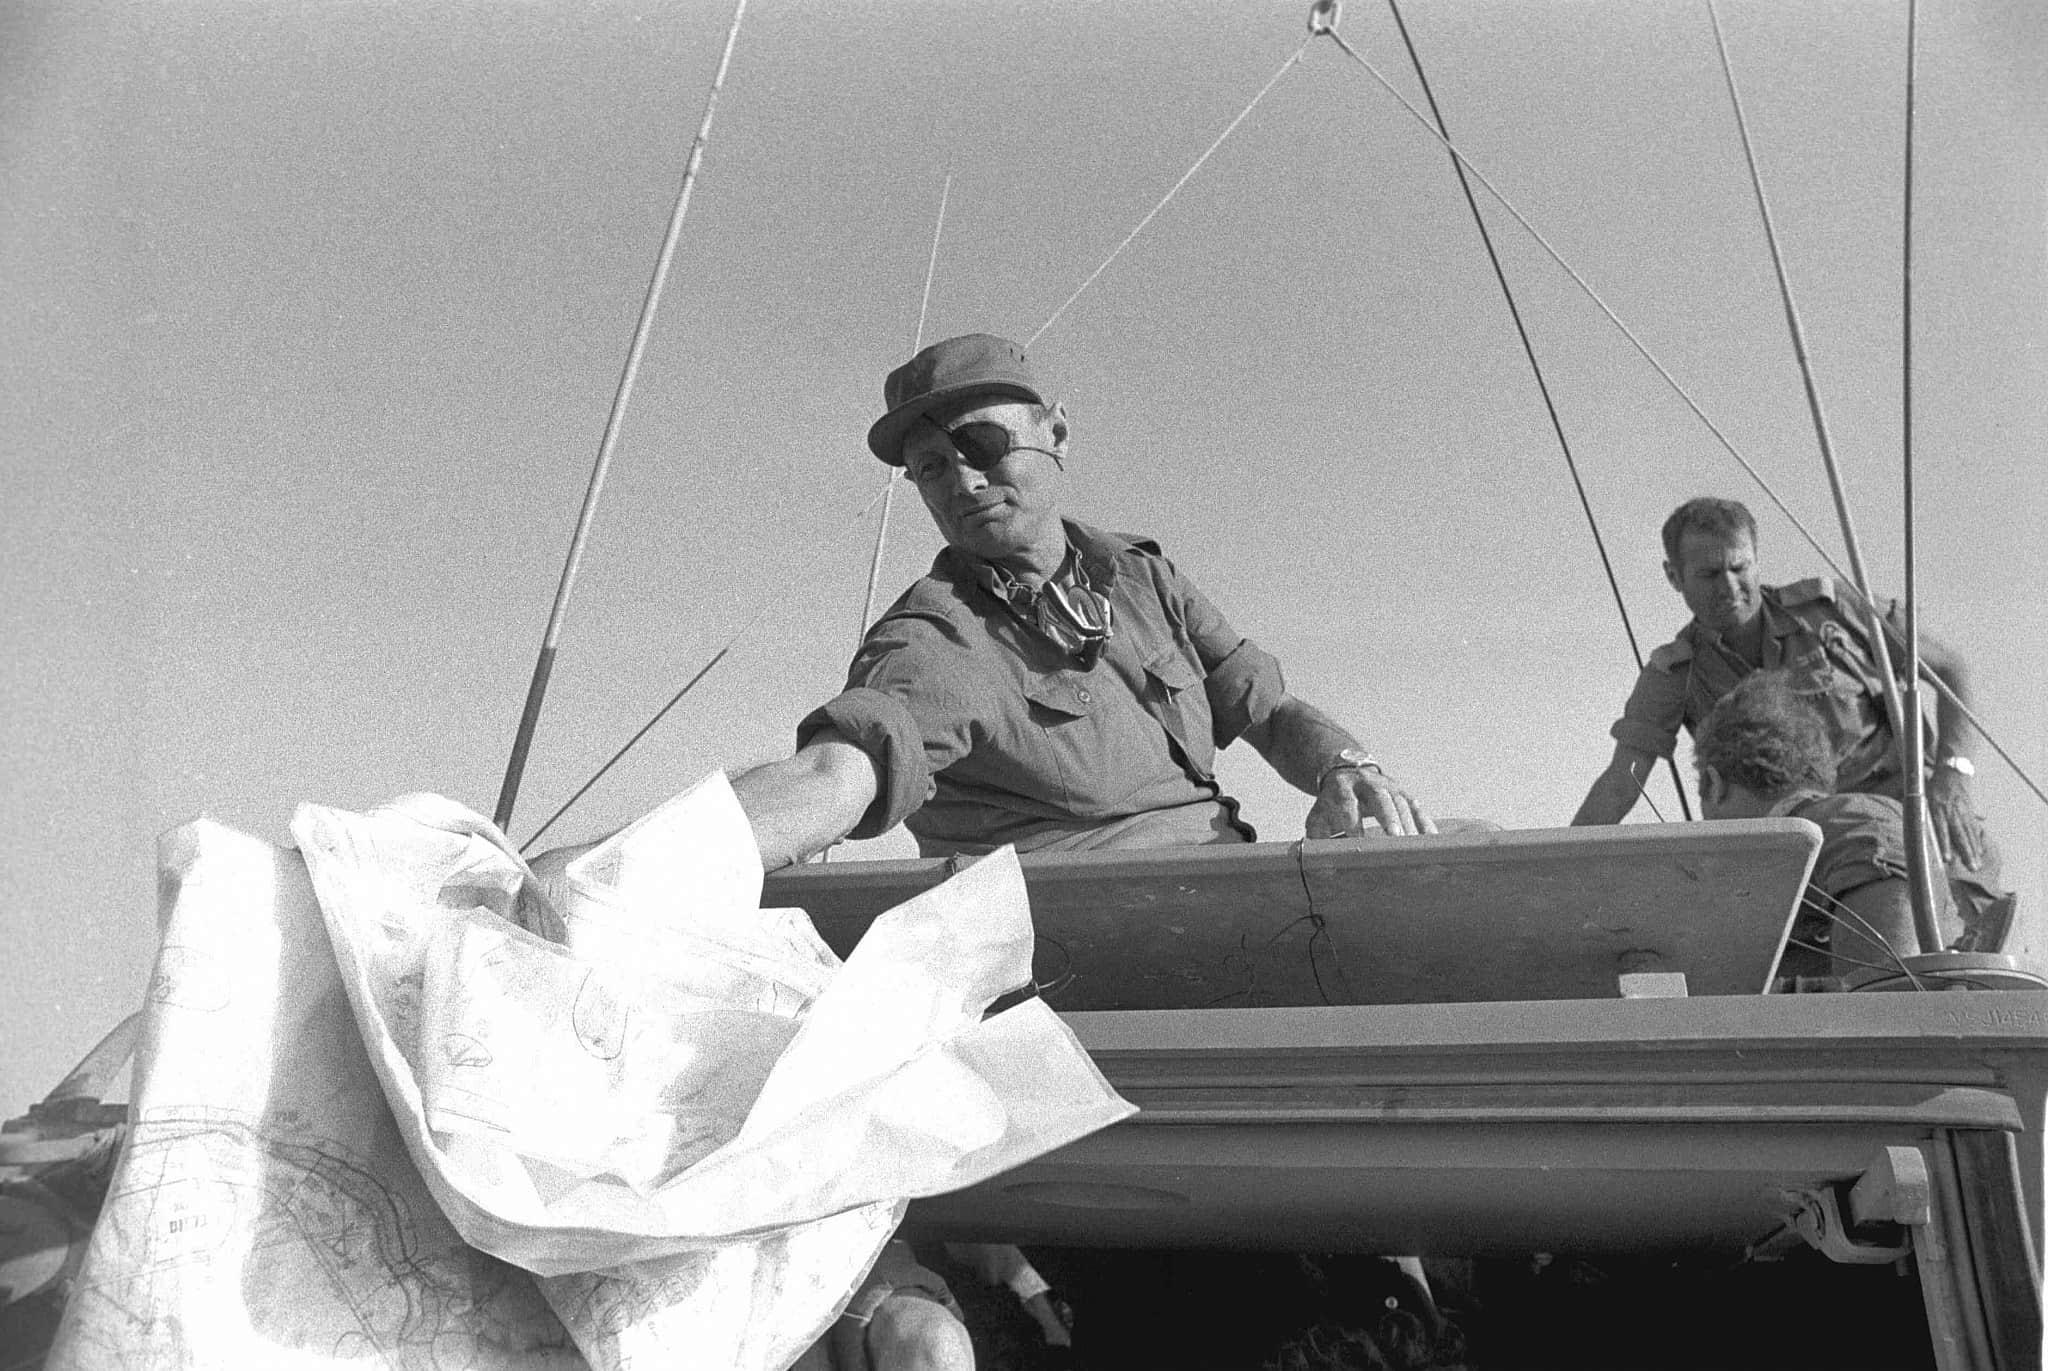 """שר הביטחון משה דיין על נגמ""""ש, מעביר מפות בביקור בצד המערבי של תעלת סואץ. 20.10.1973 (צילום: באדיבות ארכיון צה""""ל במשרד הביטחון, במחנה)"""